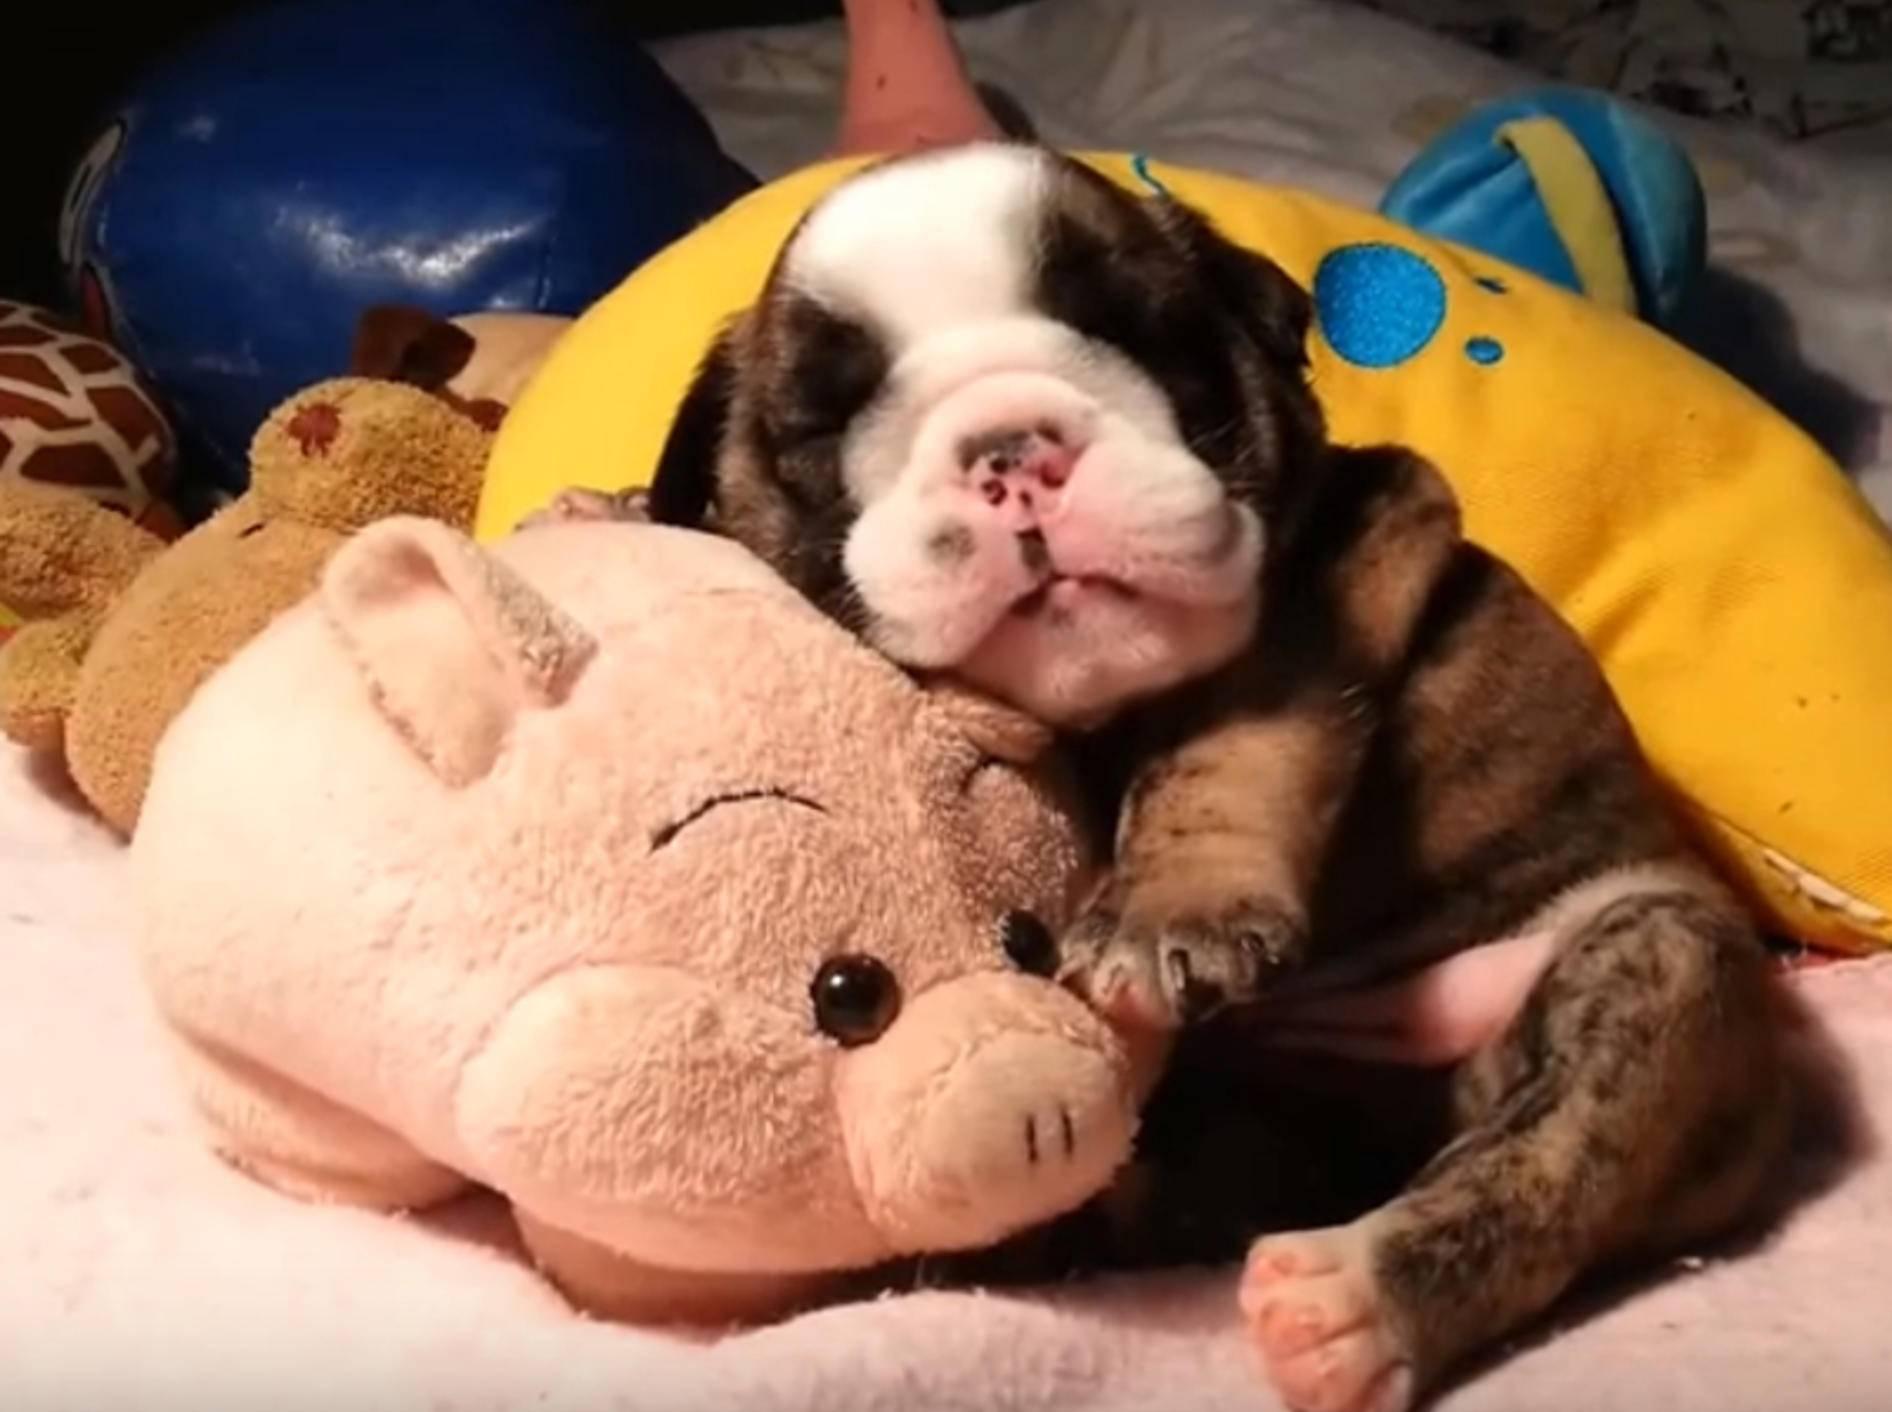 Baby-Bulldogge kuschelt mit Stoffschweinchen und schläft – Bild: YouTube / jmarcoz bull